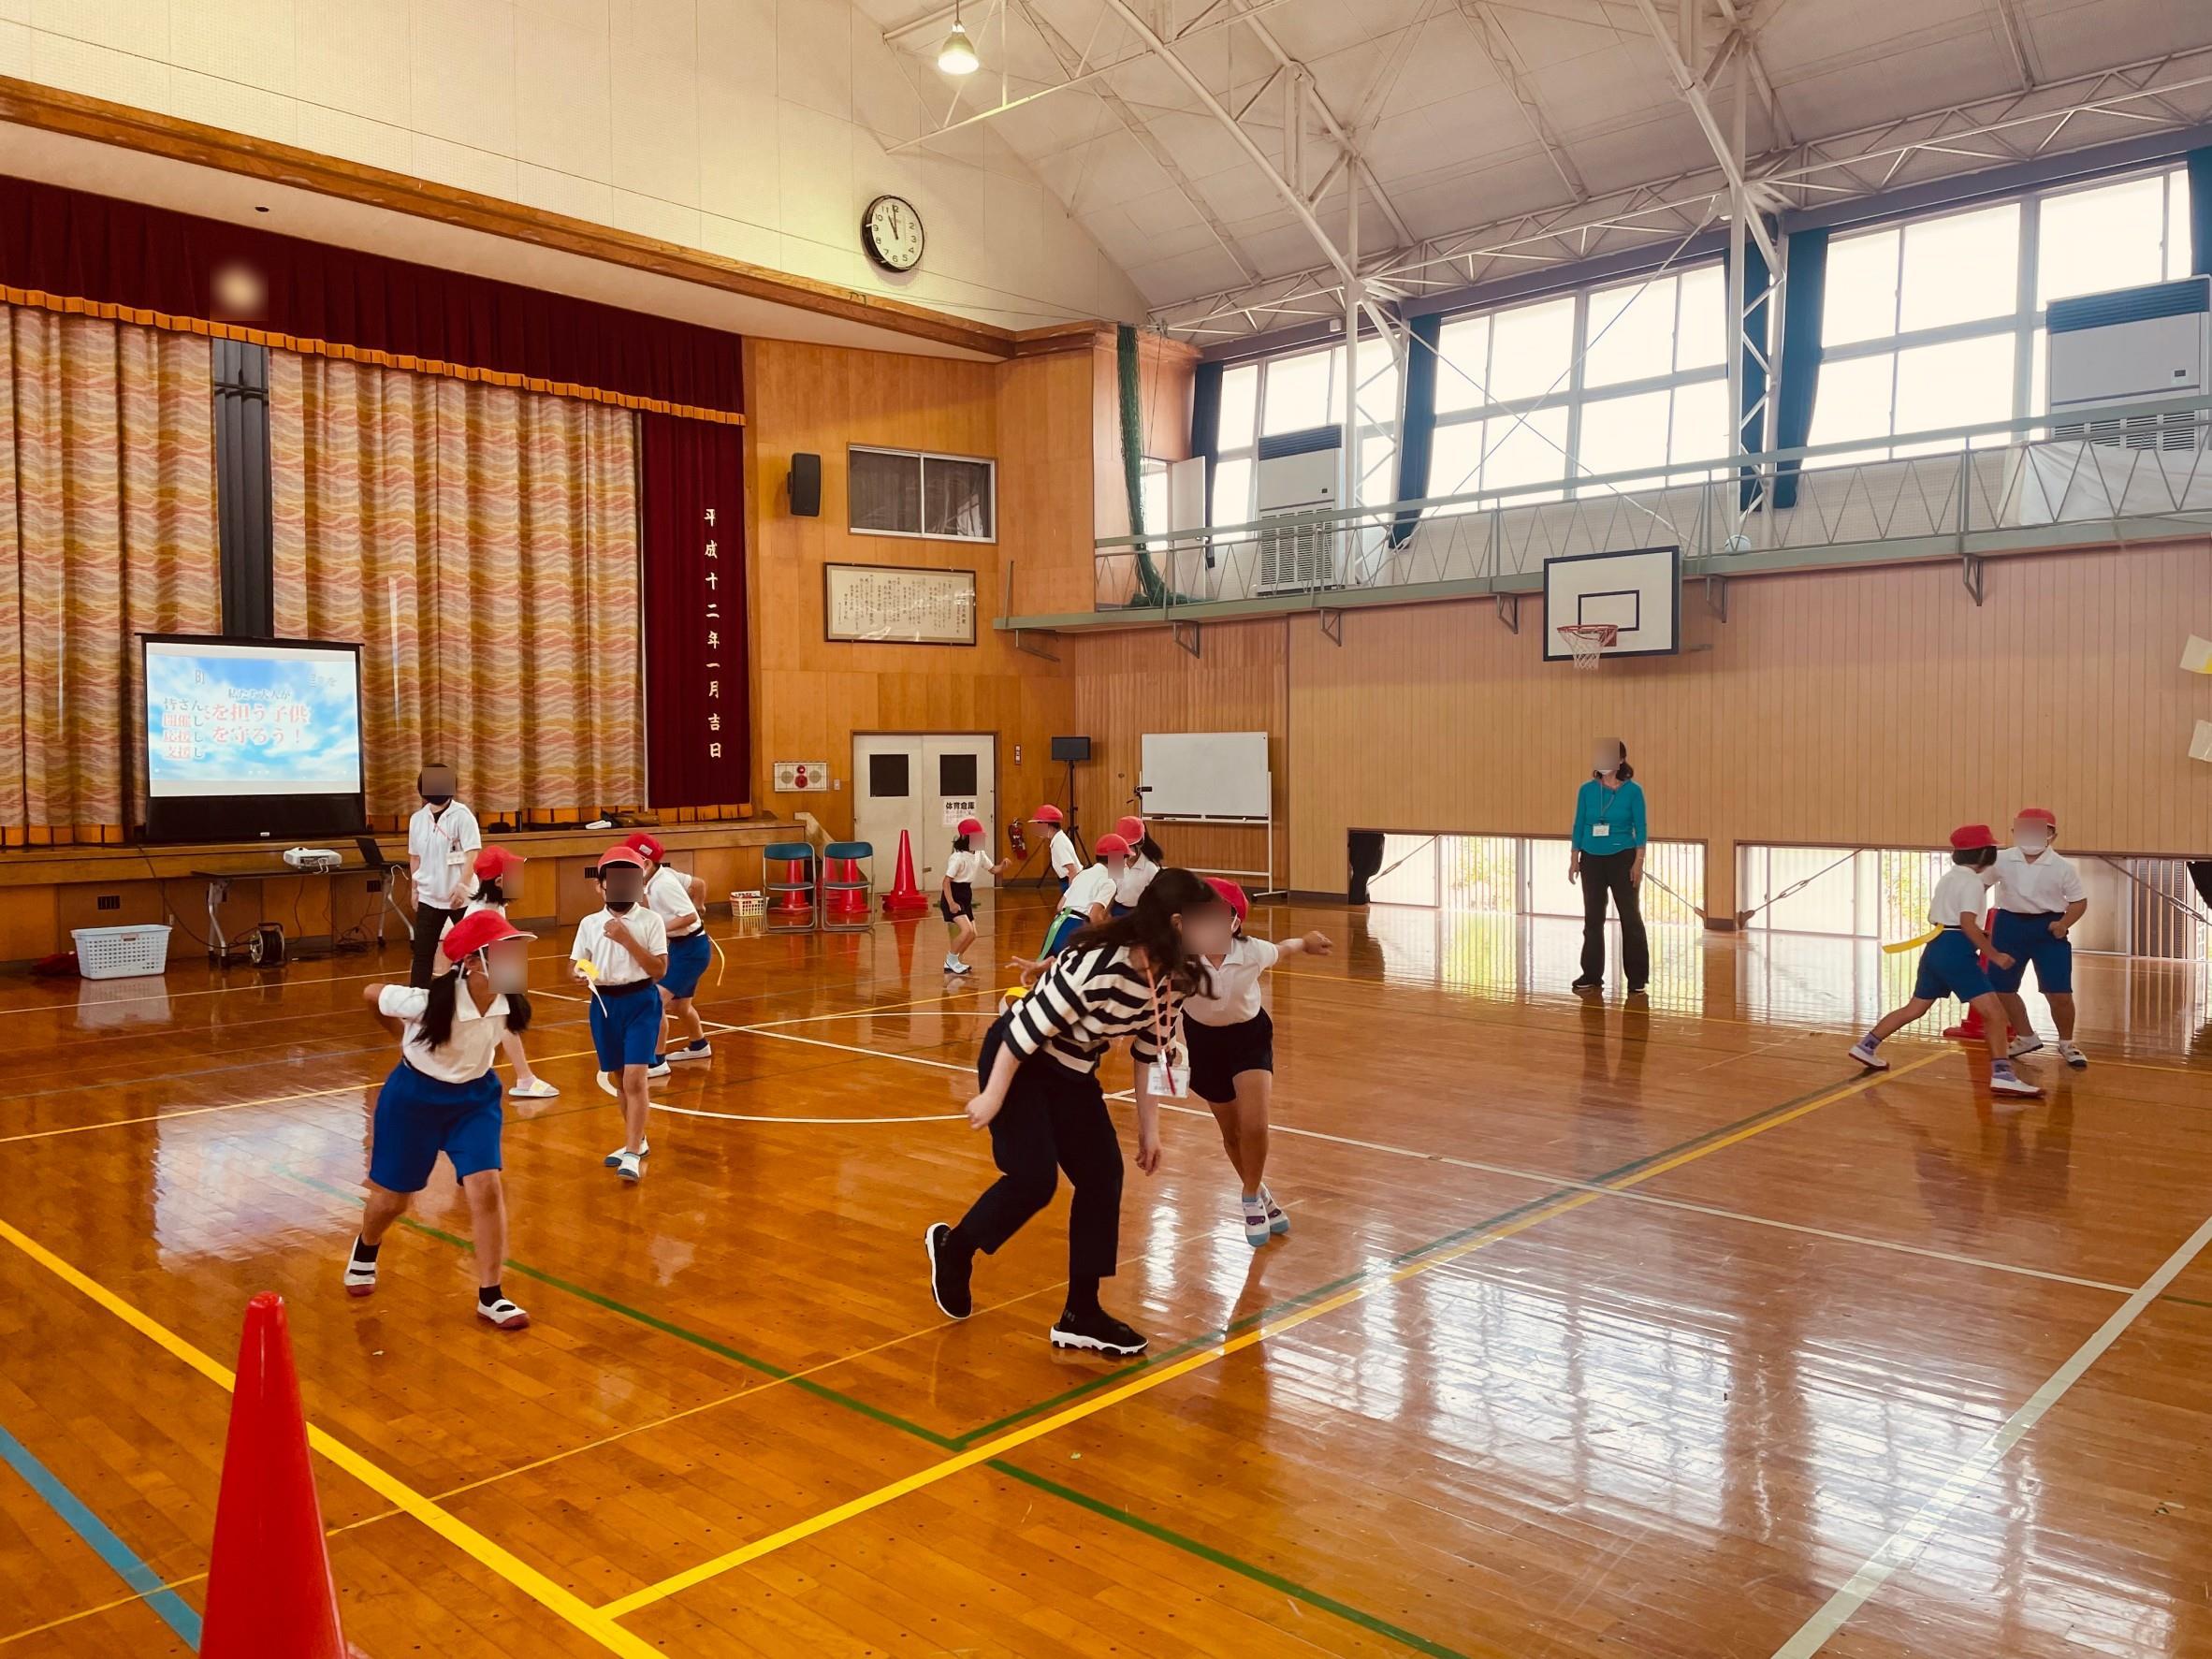 直方市 の 防犯スポーツ教室 に行って参りました!